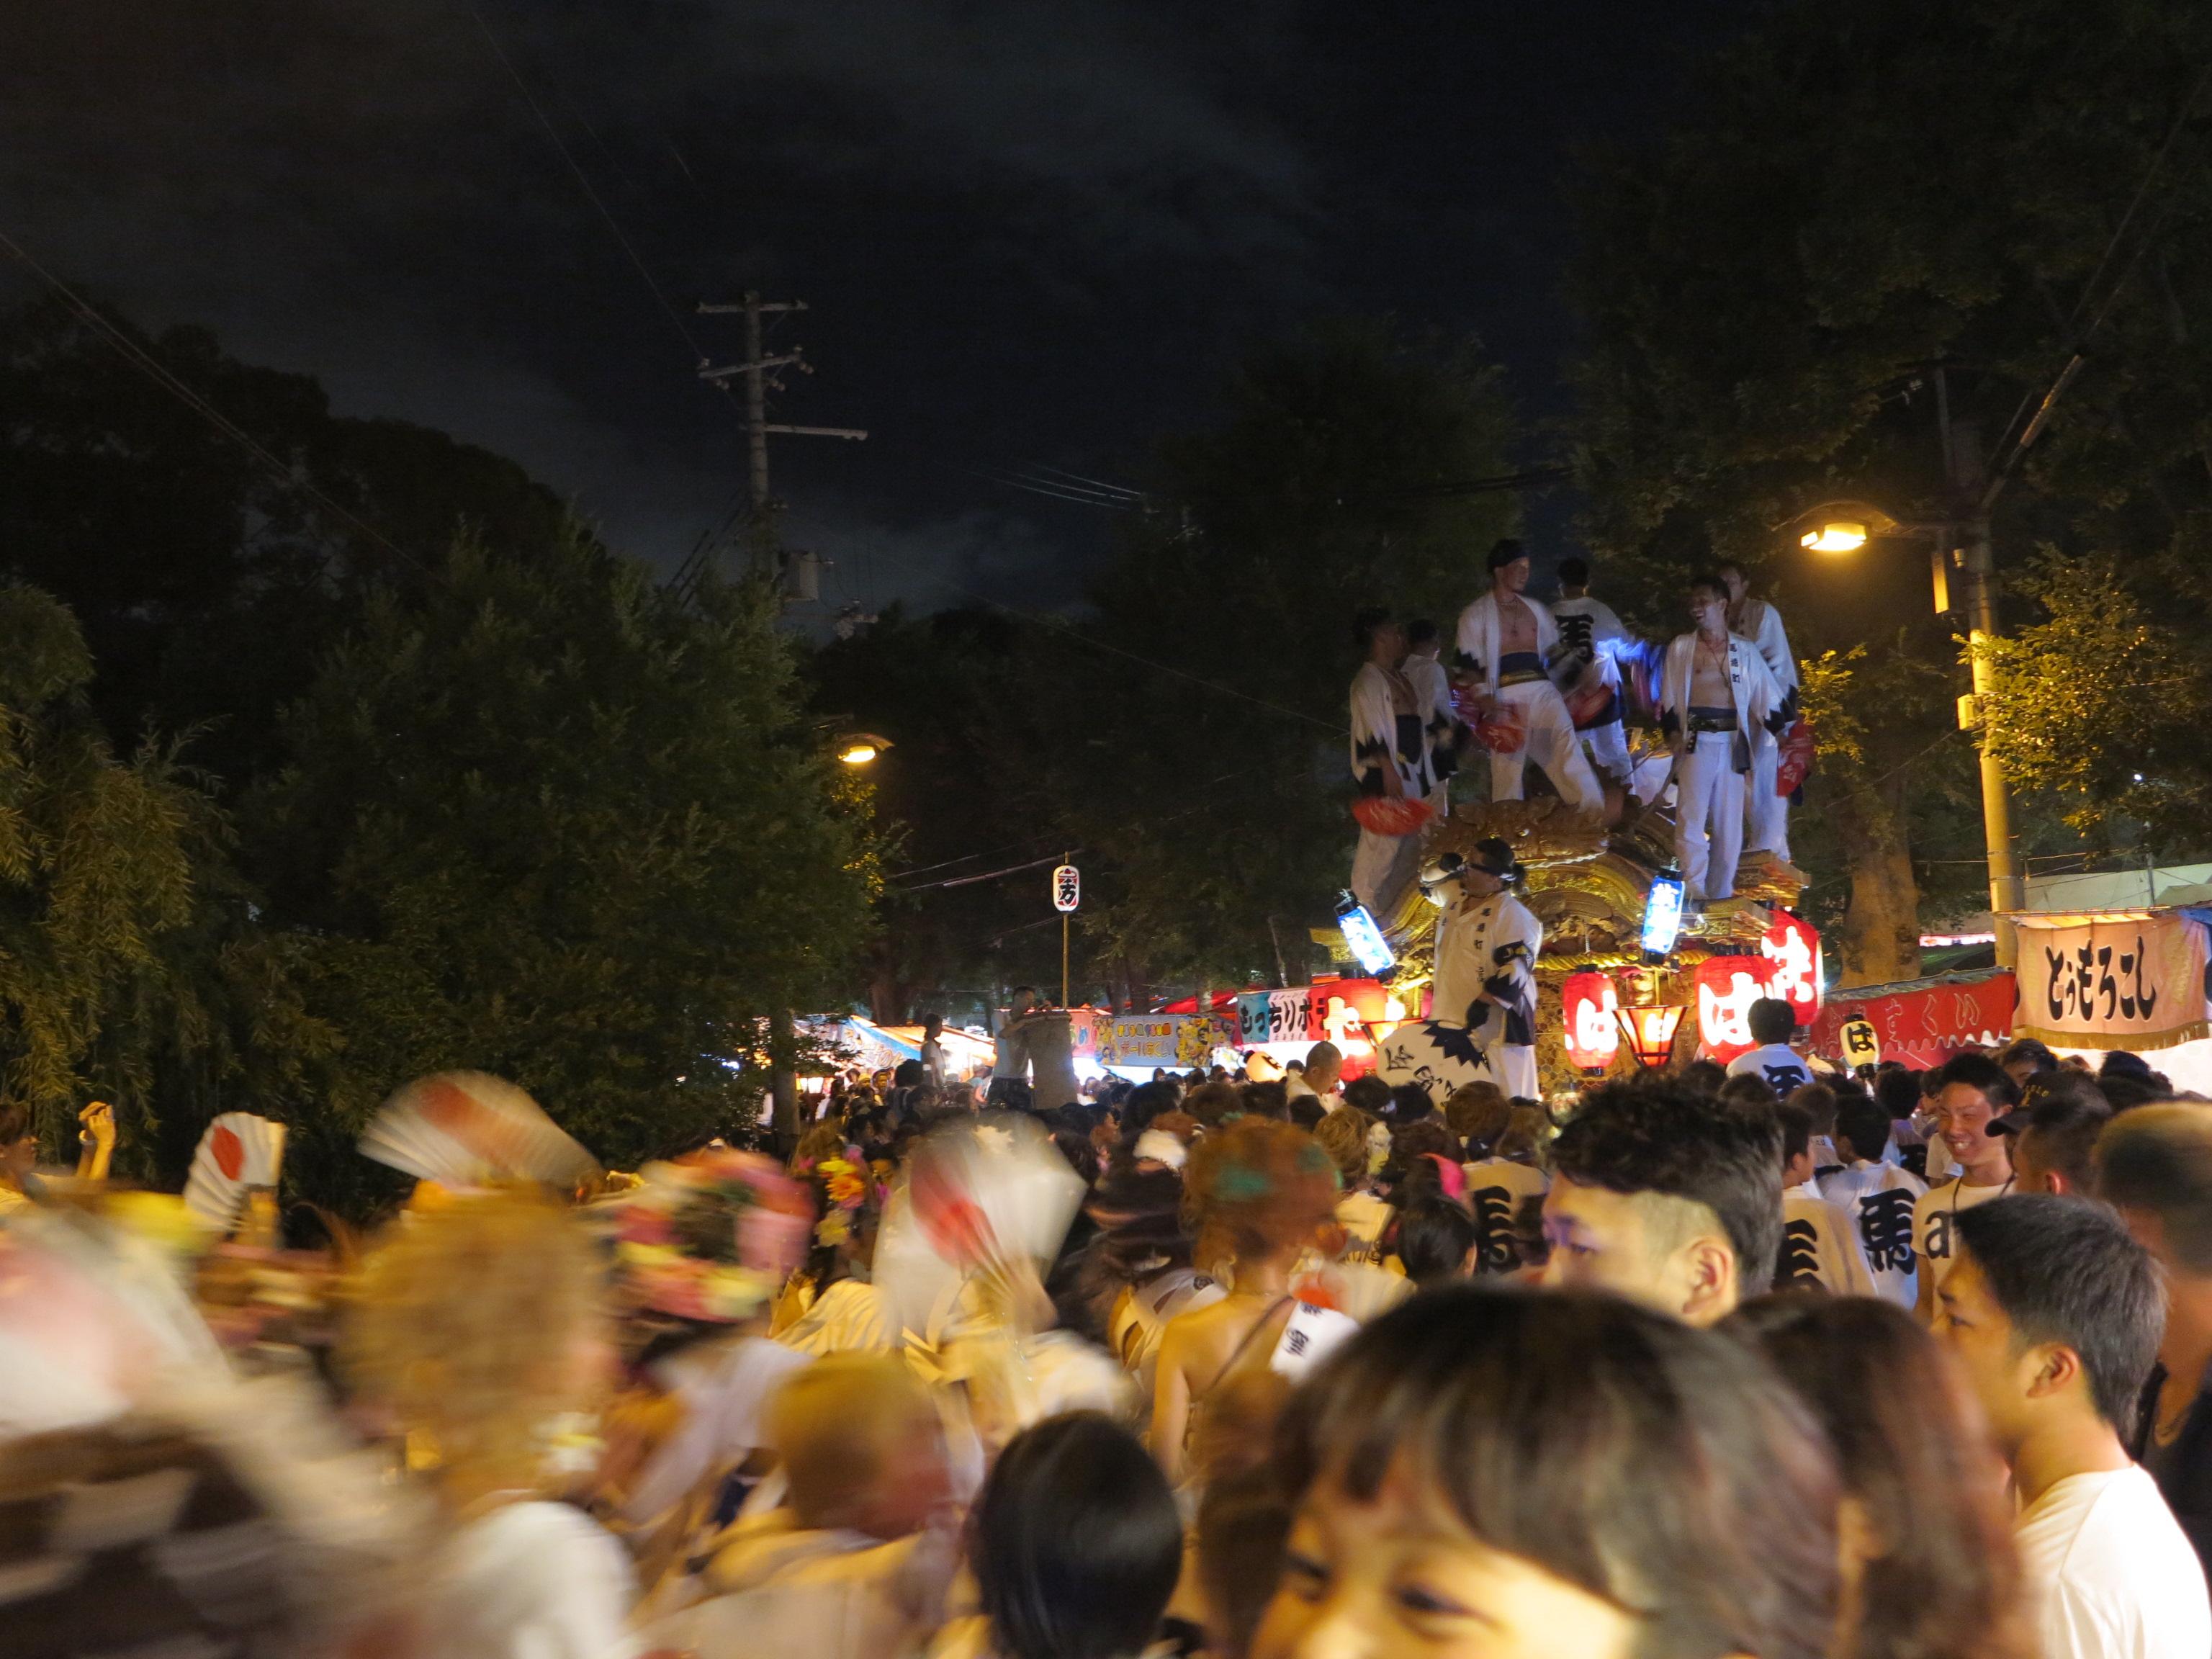 木札な夏!・・・お祭り好きにはたまらん夏!!